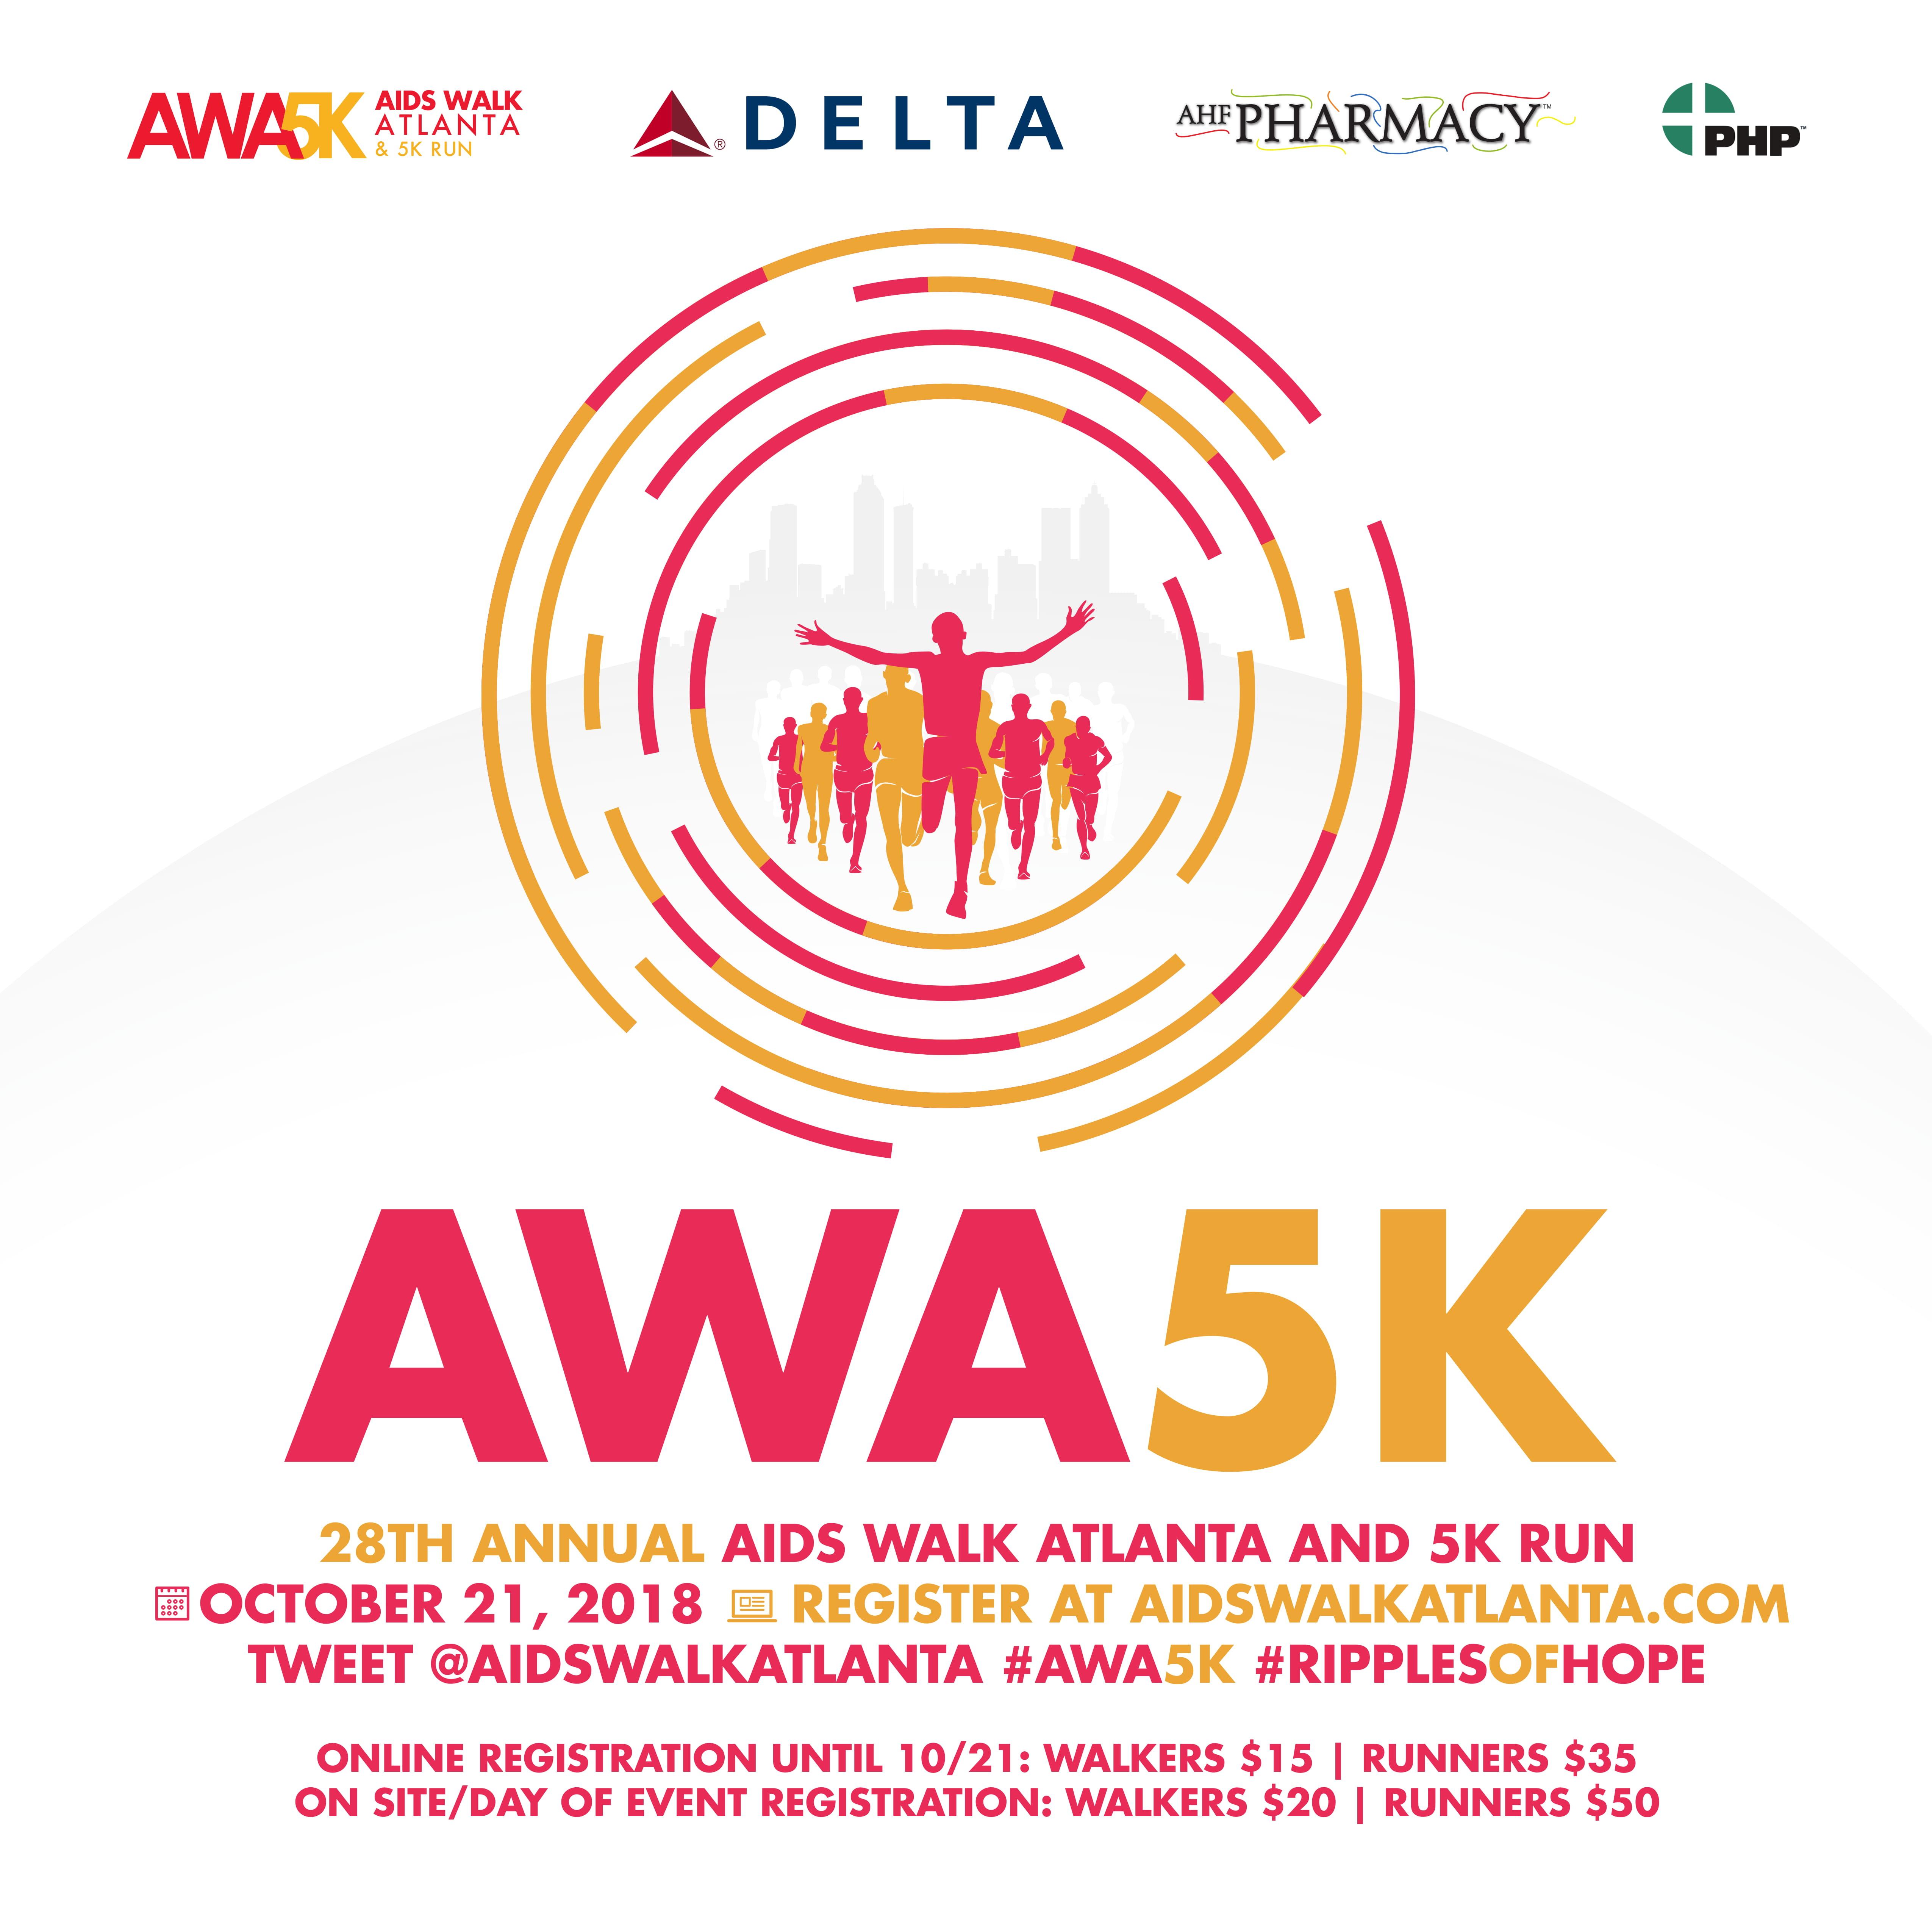 AWA5K